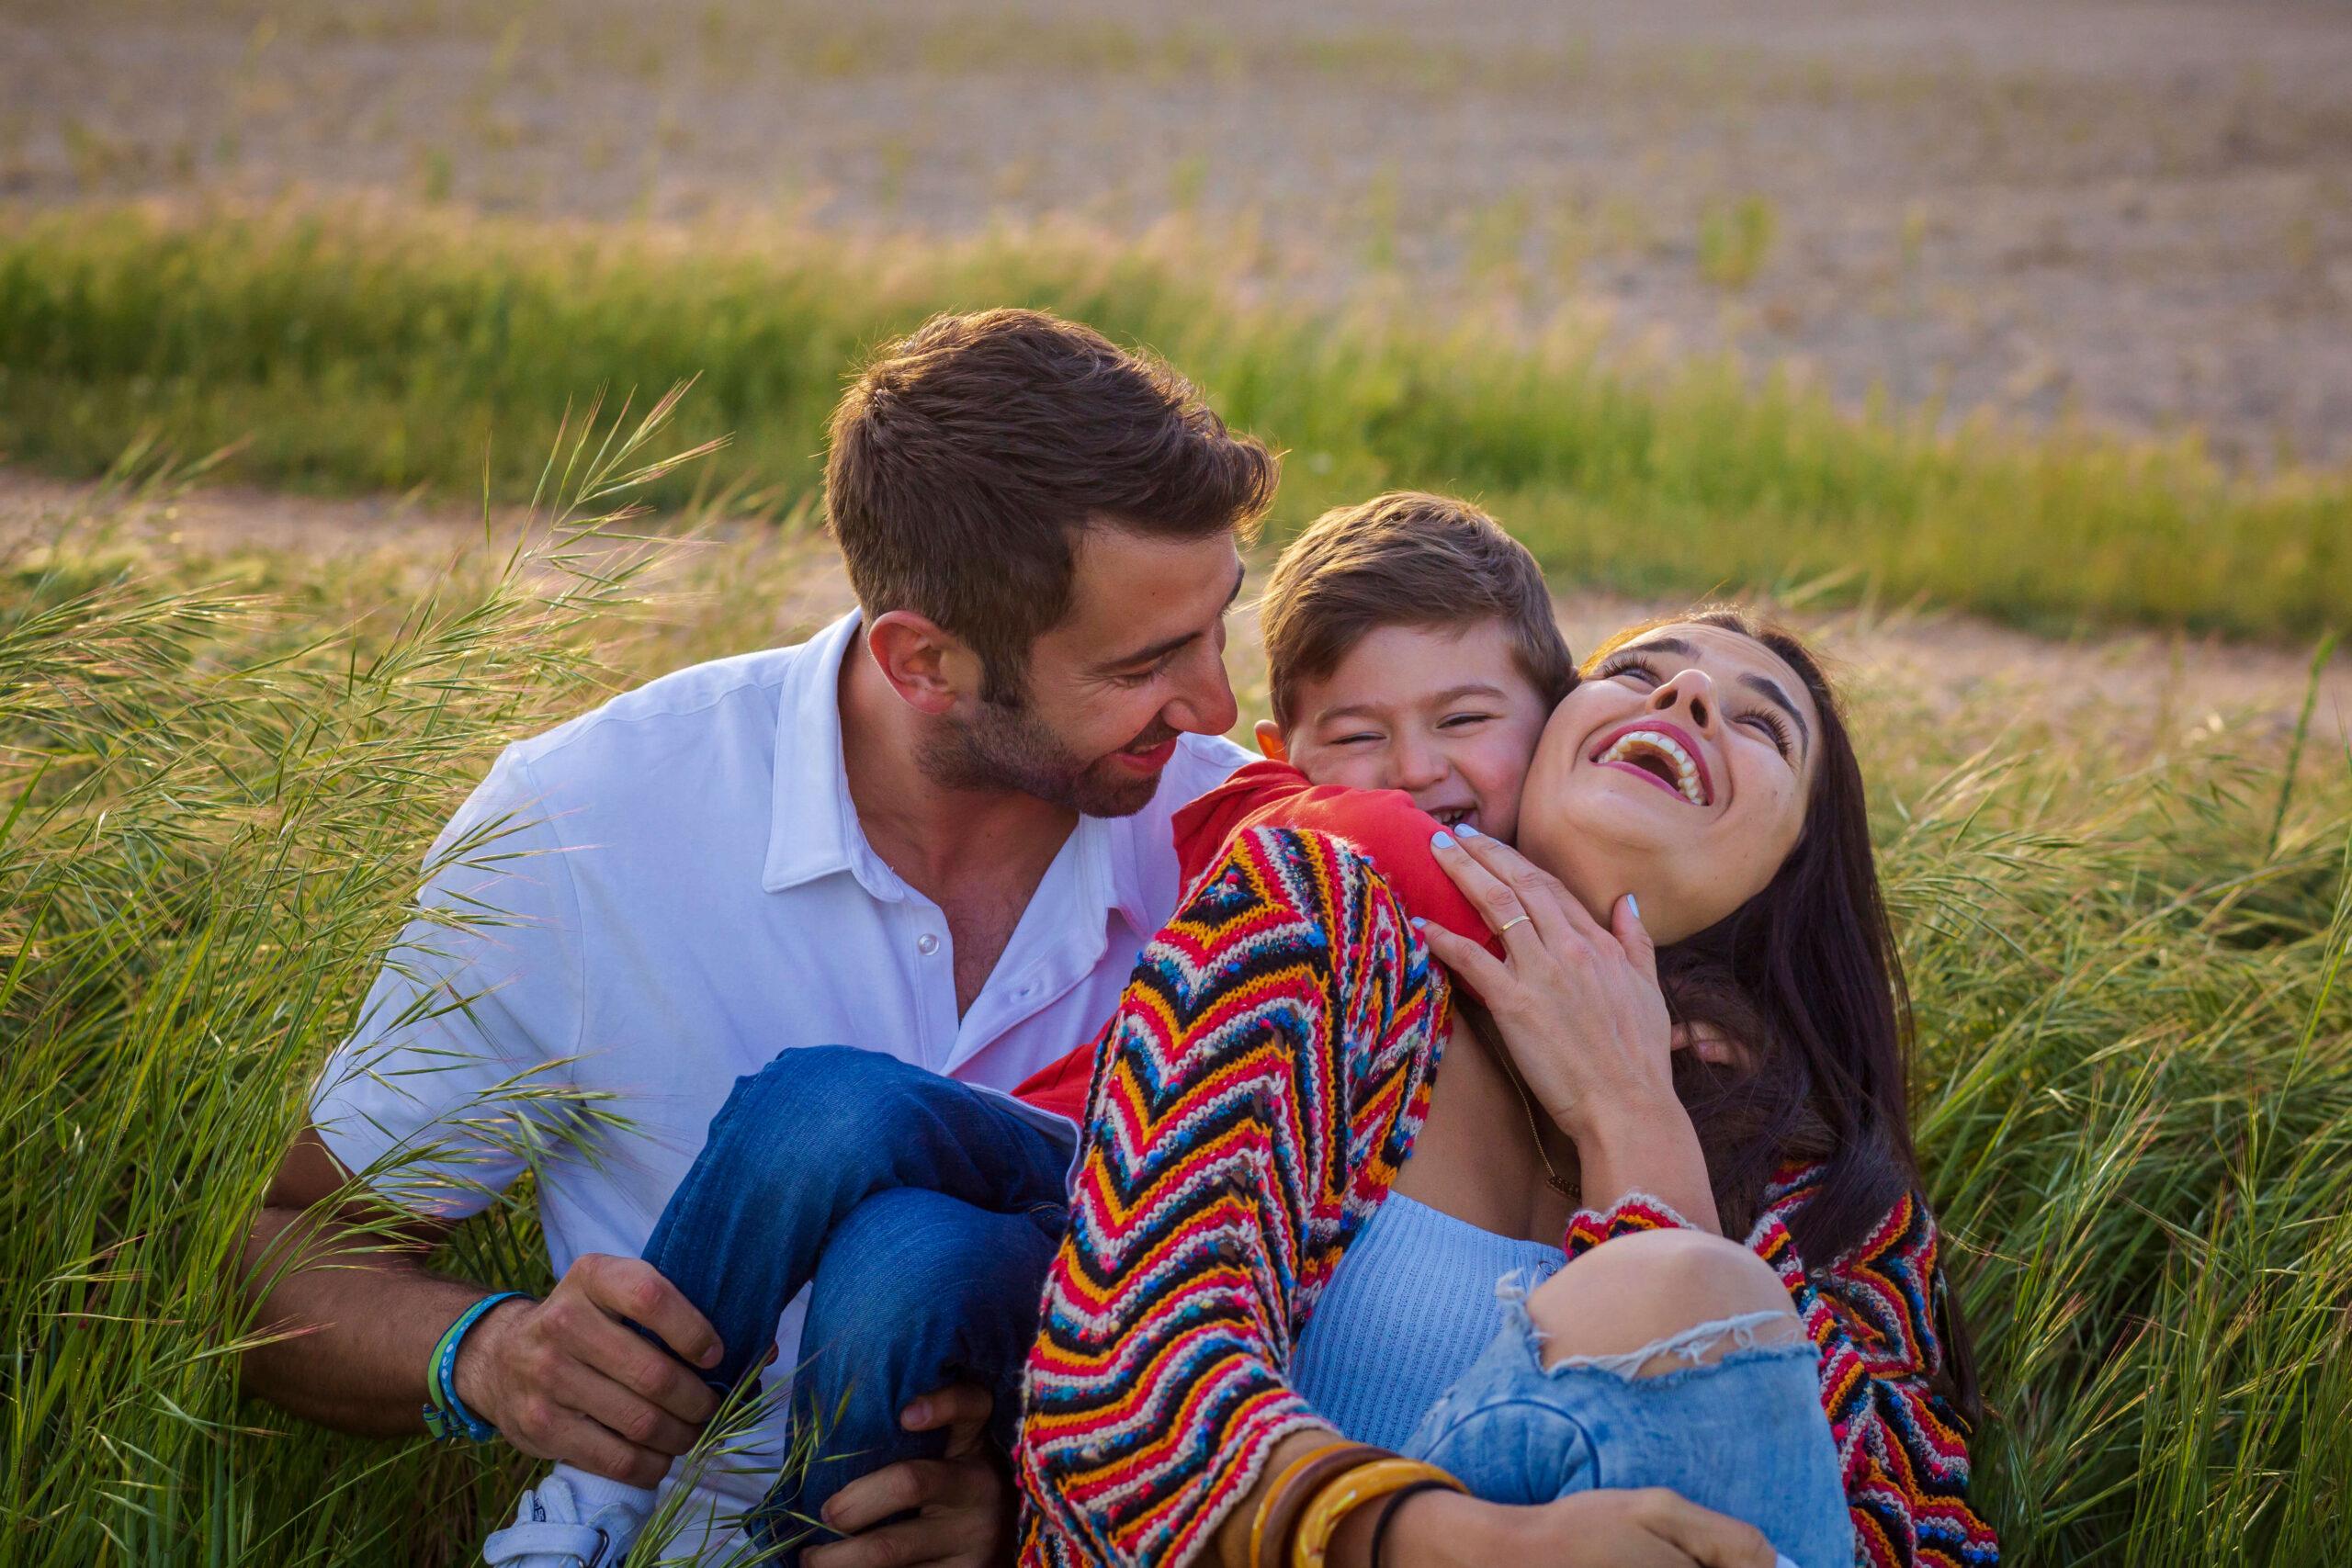 Familia posa en un prado, con el niño agarrado a los hombros de la madre mientras la hace reír